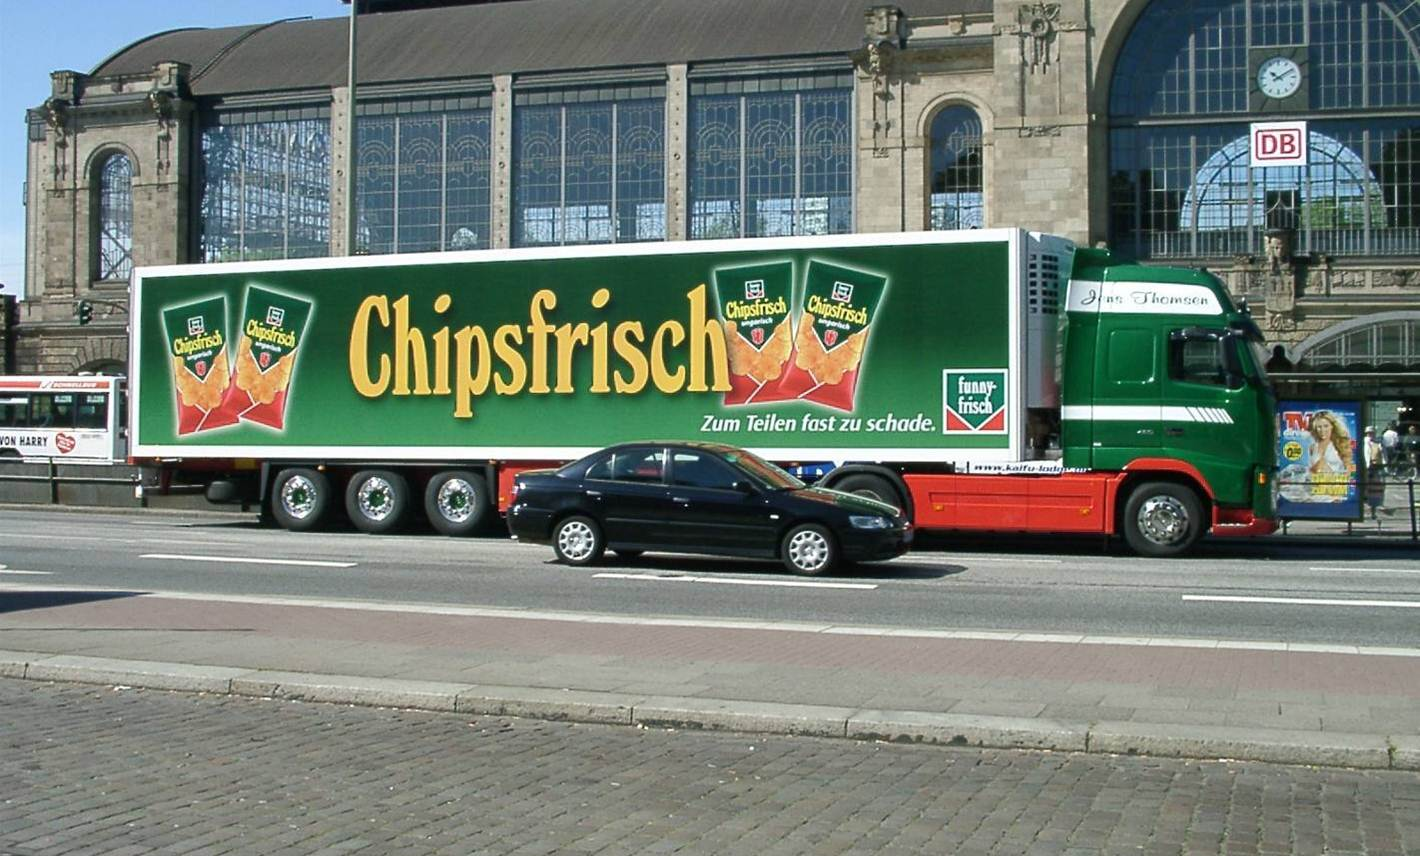 Chripsfrisch